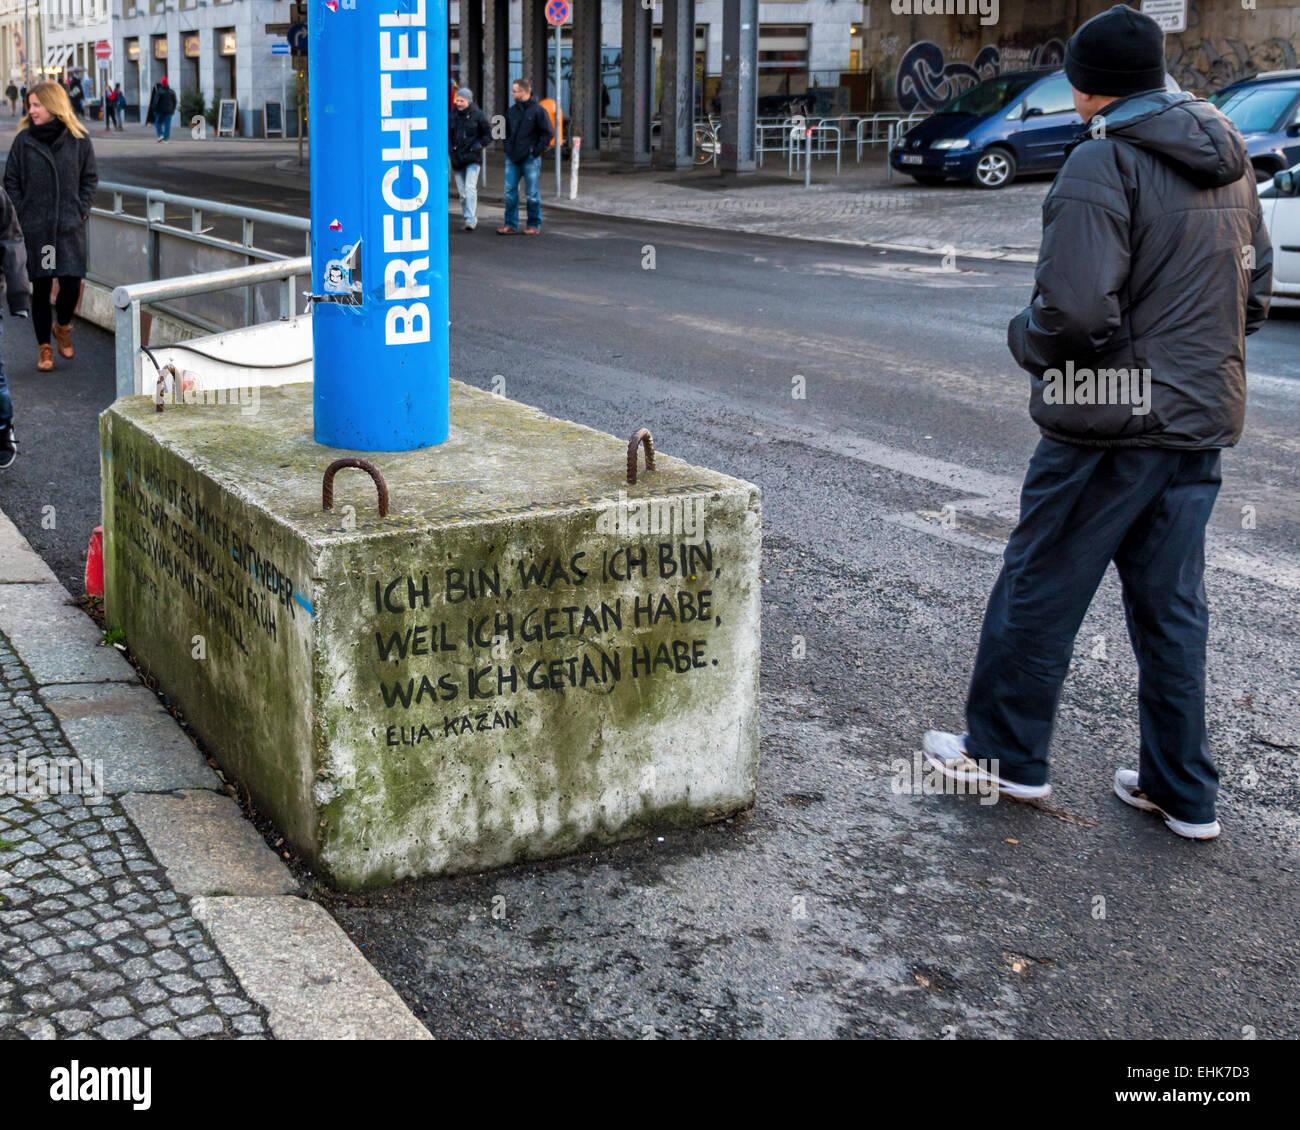 Bloque de hormigón de apoyo del tubo de evacuación de agua azul inscrito con cita de Elia Kazan - Mitte, Imagen De Stock